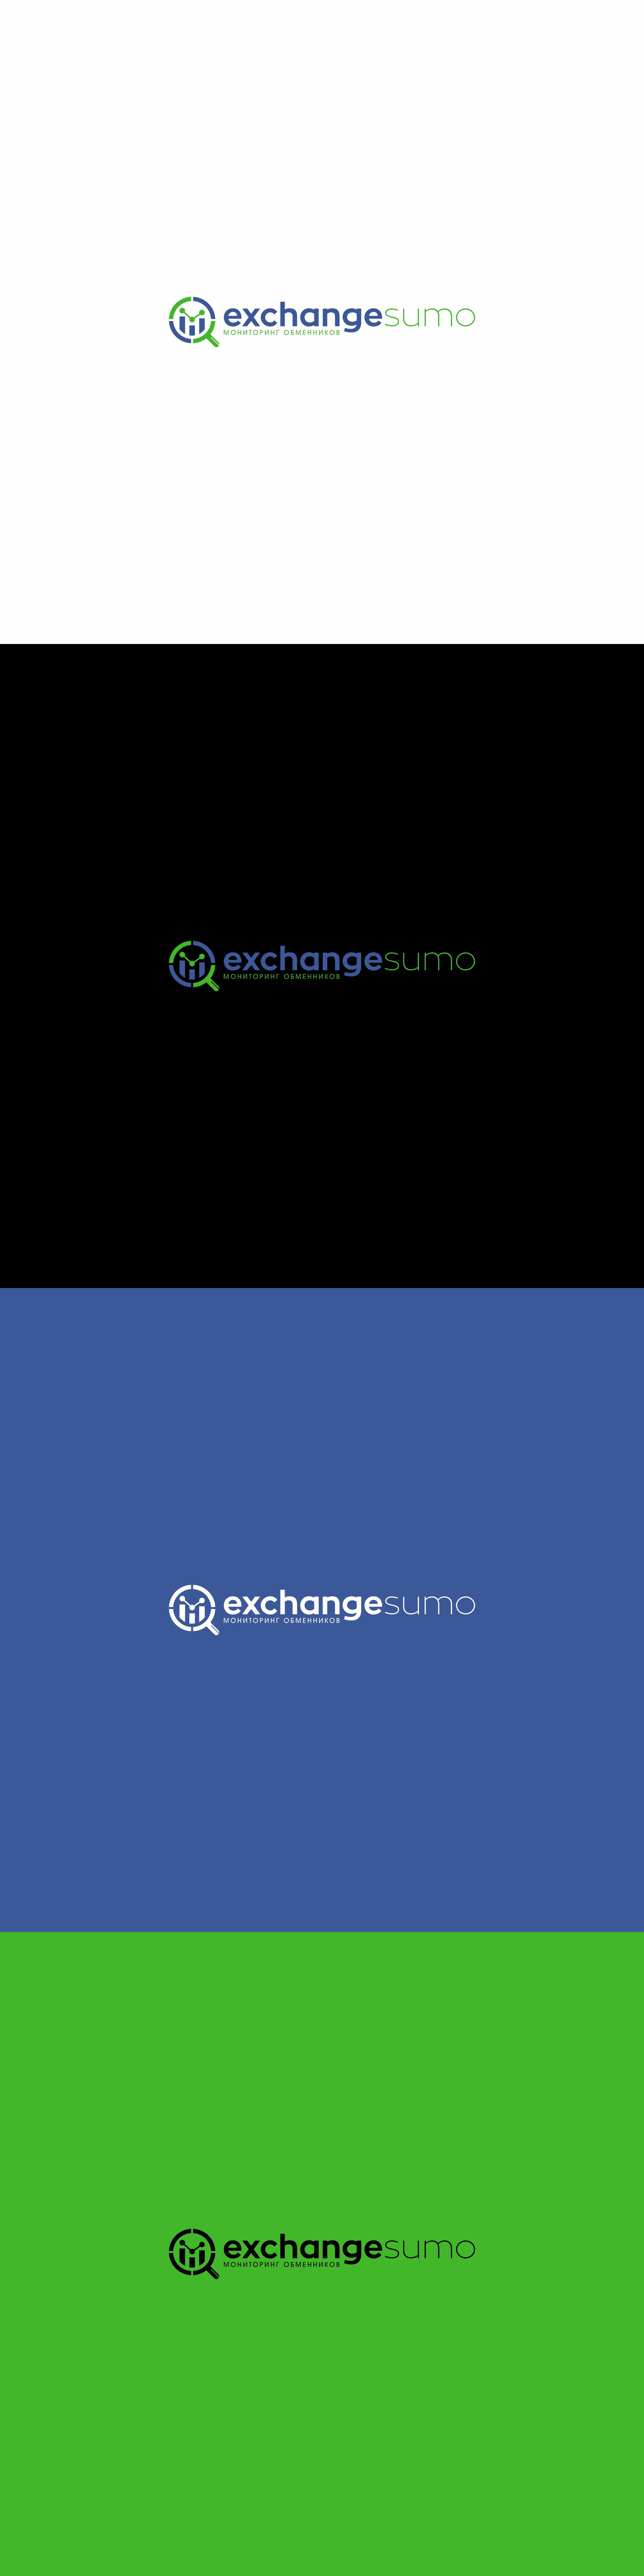 Логотип для мониторинга обменников фото f_6735bae00b09f6ea.jpg